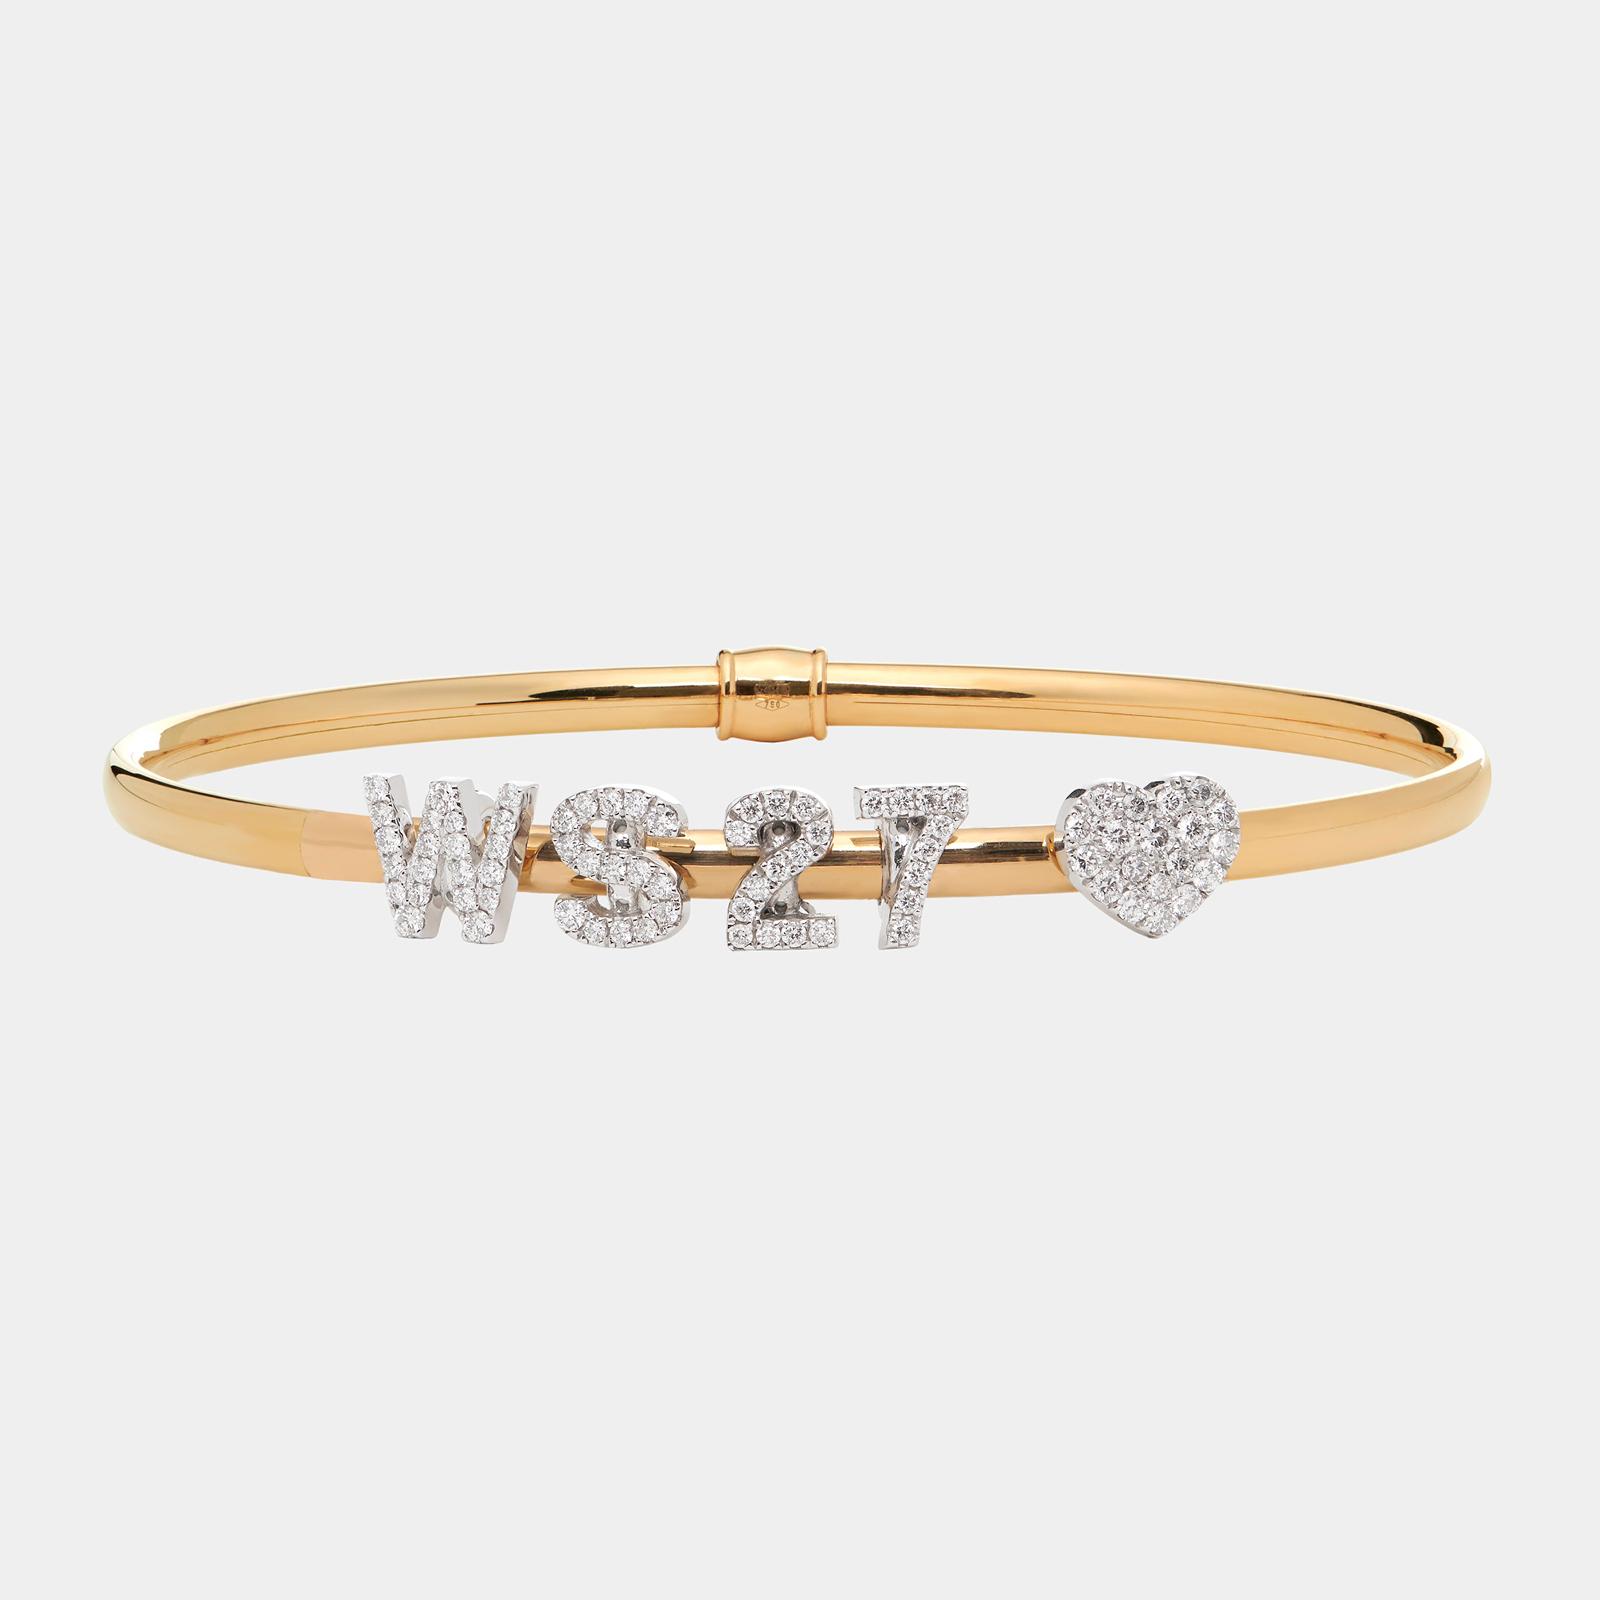 Bracciale rigido componibile in oro bianco personalizzabile con lettere singole in brillanti - Rosanna Cattolico gioielli